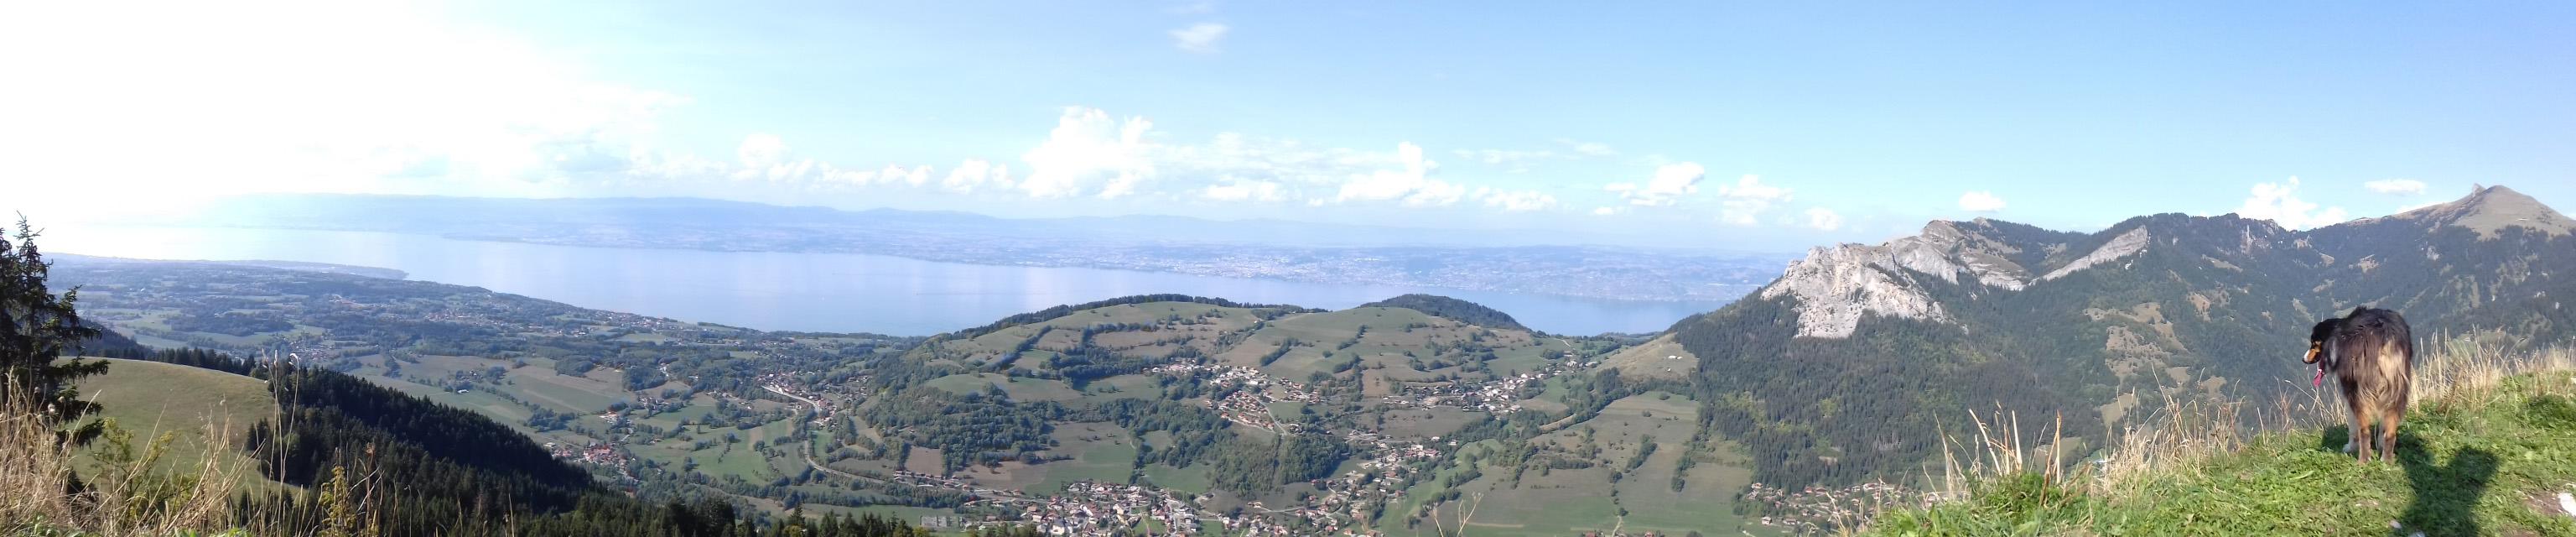 Bandeau vue sur le Leman depuis le mont baron